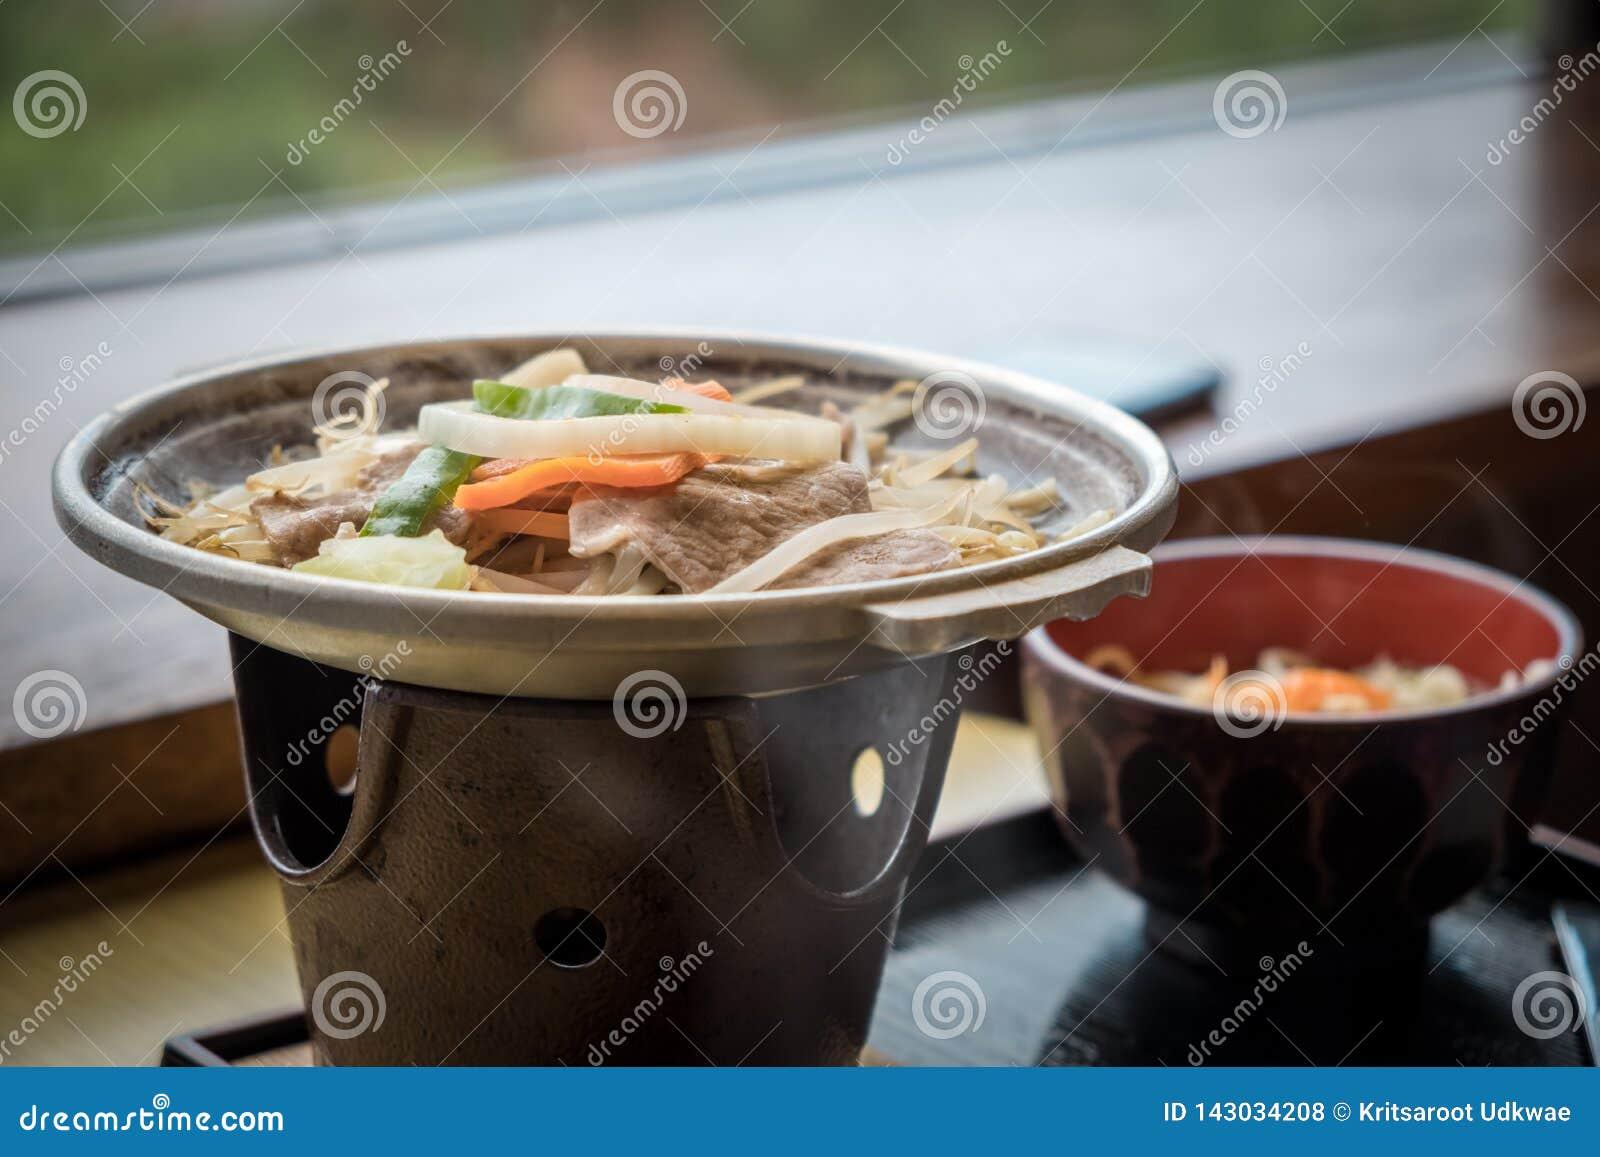 Potenciômetro quente japonês com carne de porco e muitos vegetais